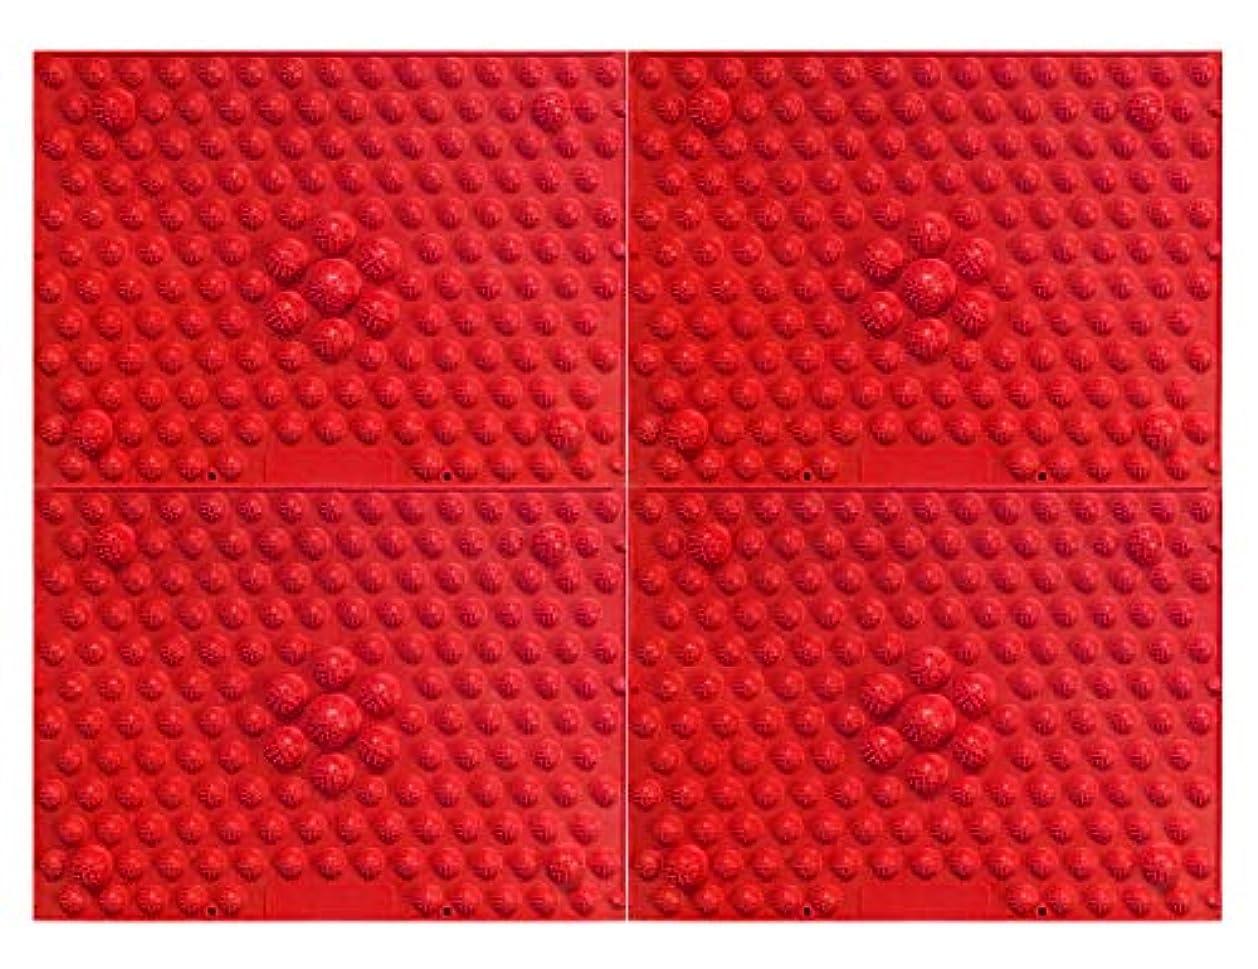 織る金貸し豊かな縦横自由自在足踏みマット4枚セット (赤)